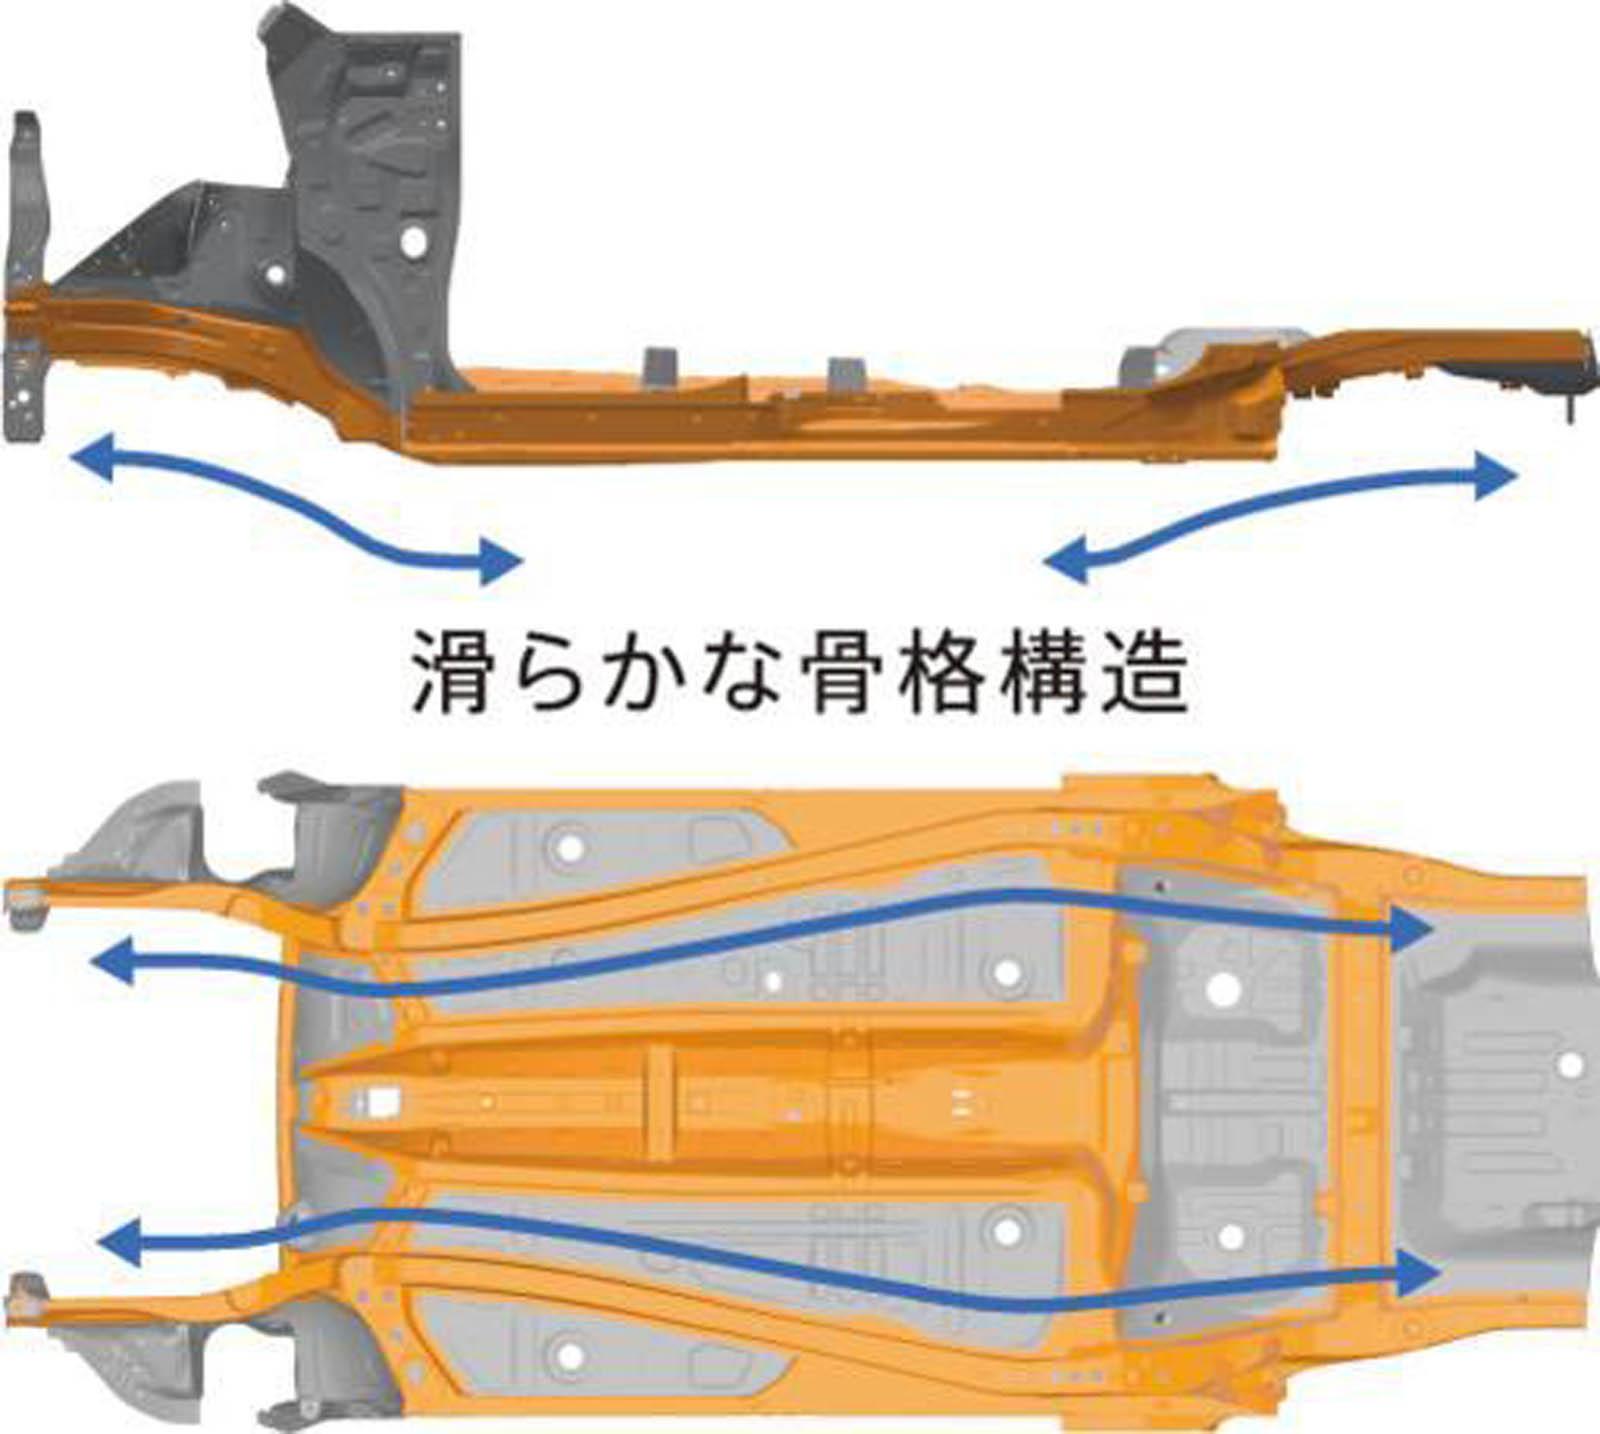 Suzuki Spacia 2018 (73)